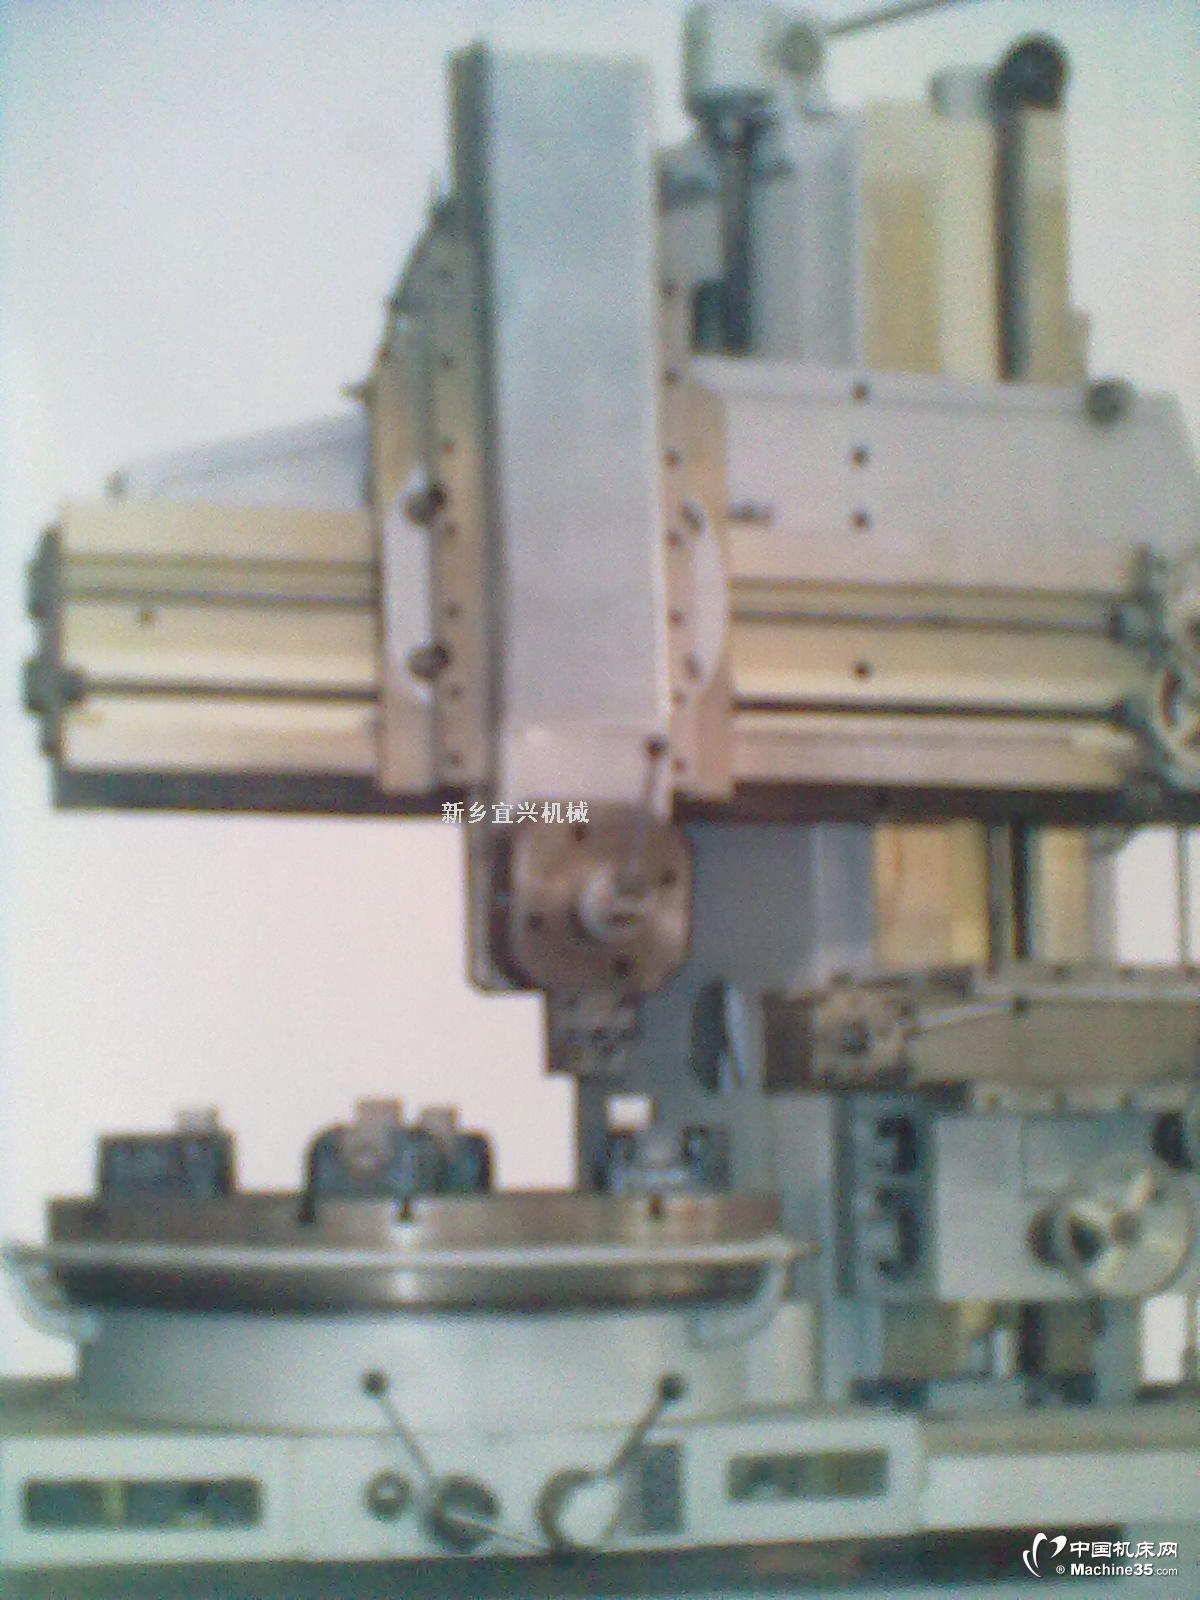 机床产品 金属切削机床 车床 立式车床 > 正文  型号:c5525立车 数量